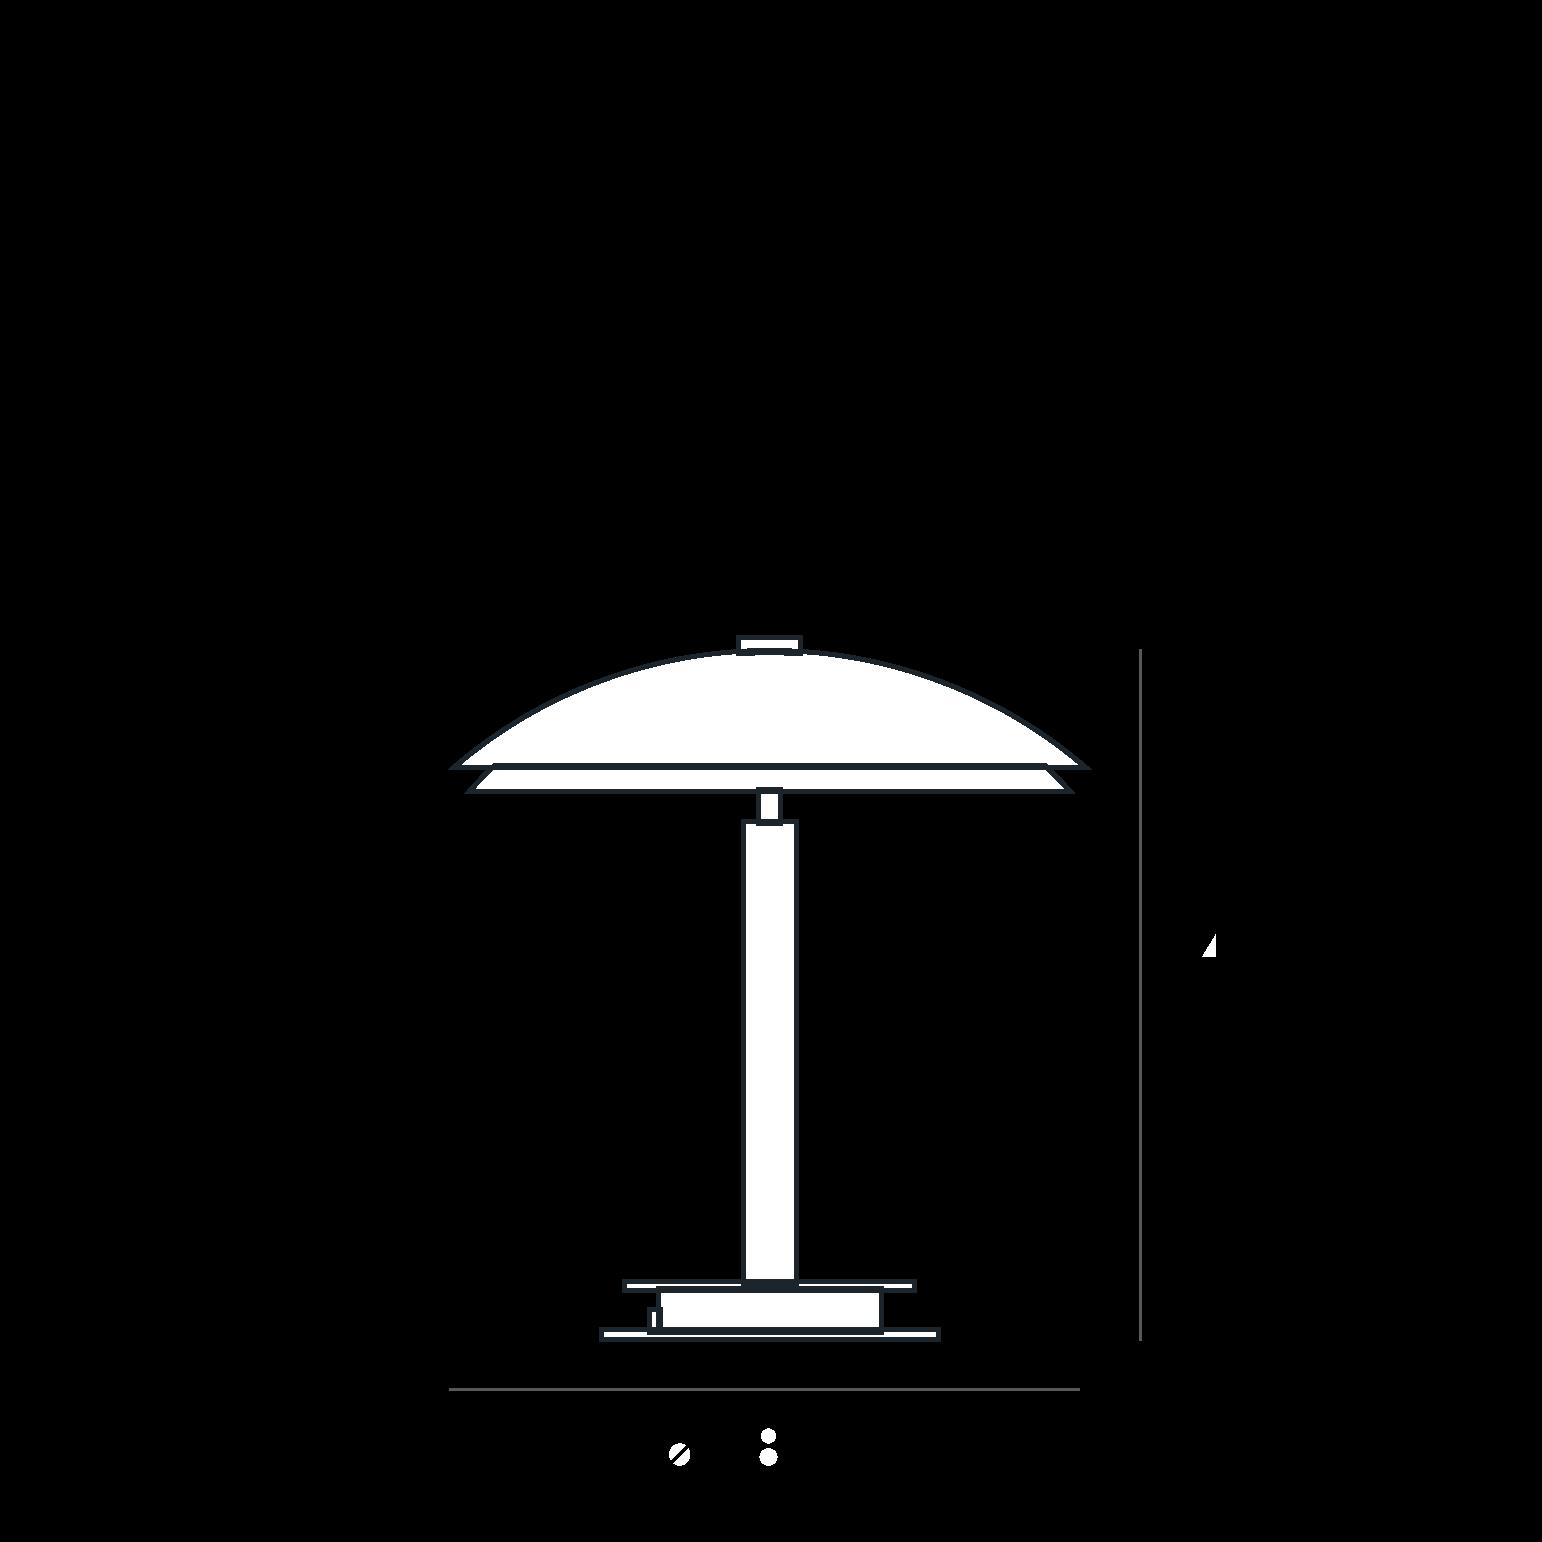 BIS - TRIS